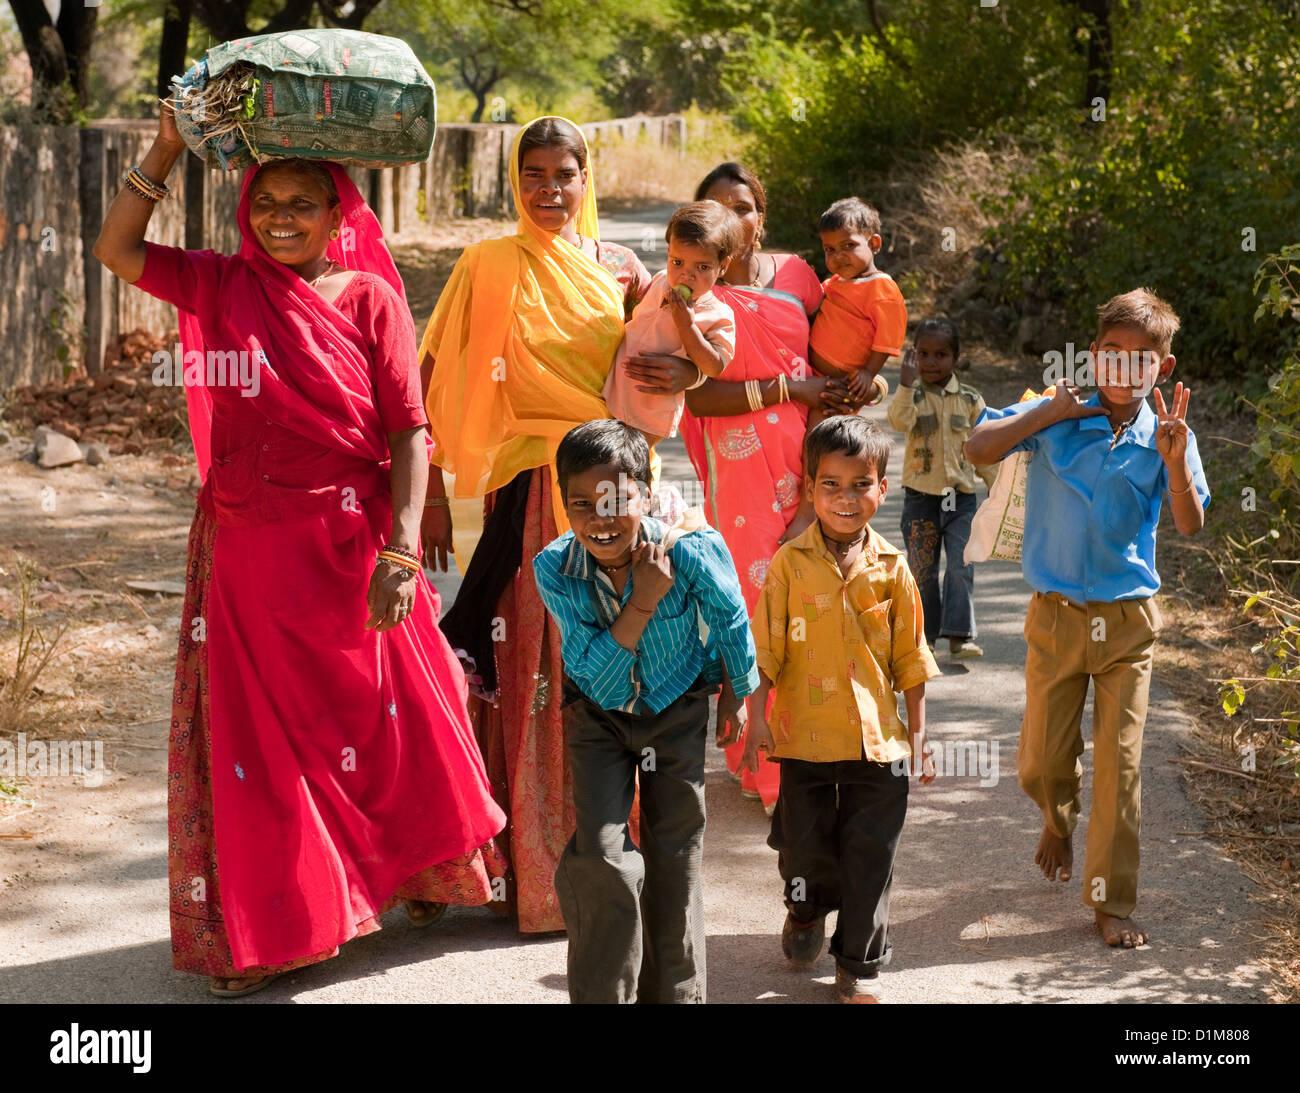 Eine glücklich lächelnde Bunte indische Familie Gruppe von Frauen, jungen Mädchen und ein Baby zurück Stockbild